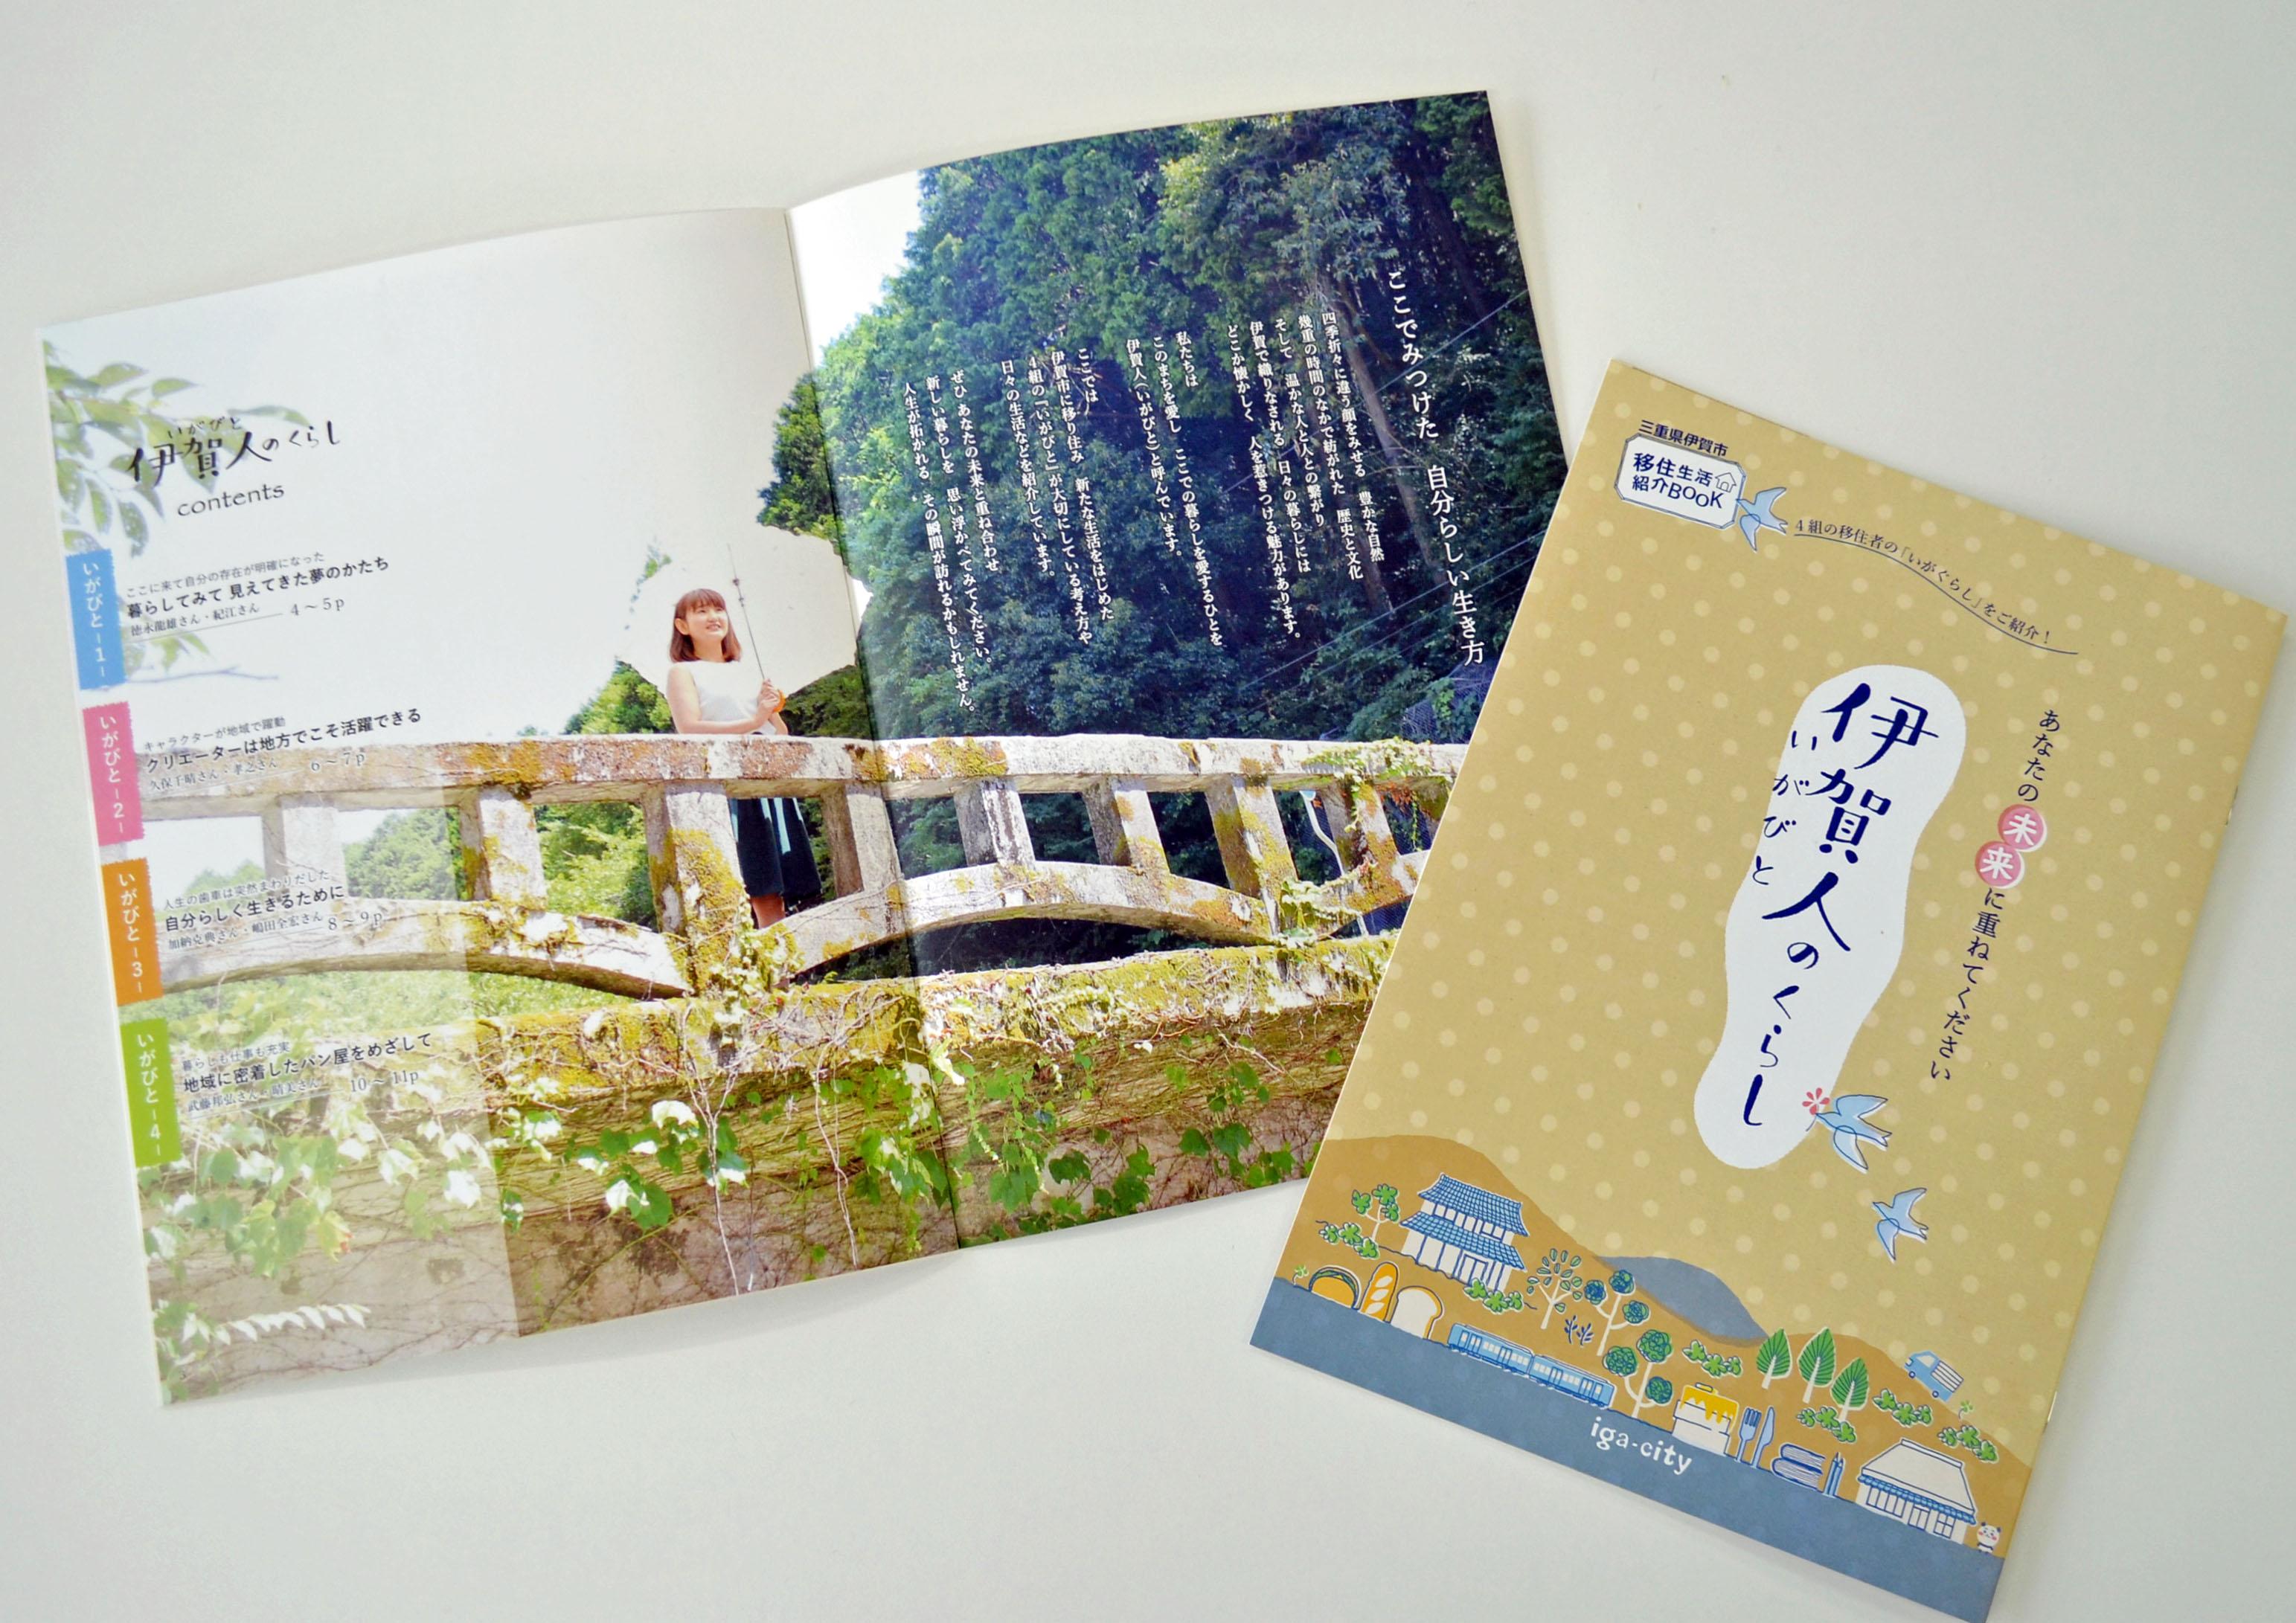 【伊賀市】移住生活紹介ブック『伊賀人のくらし』を発行しました!_写真2